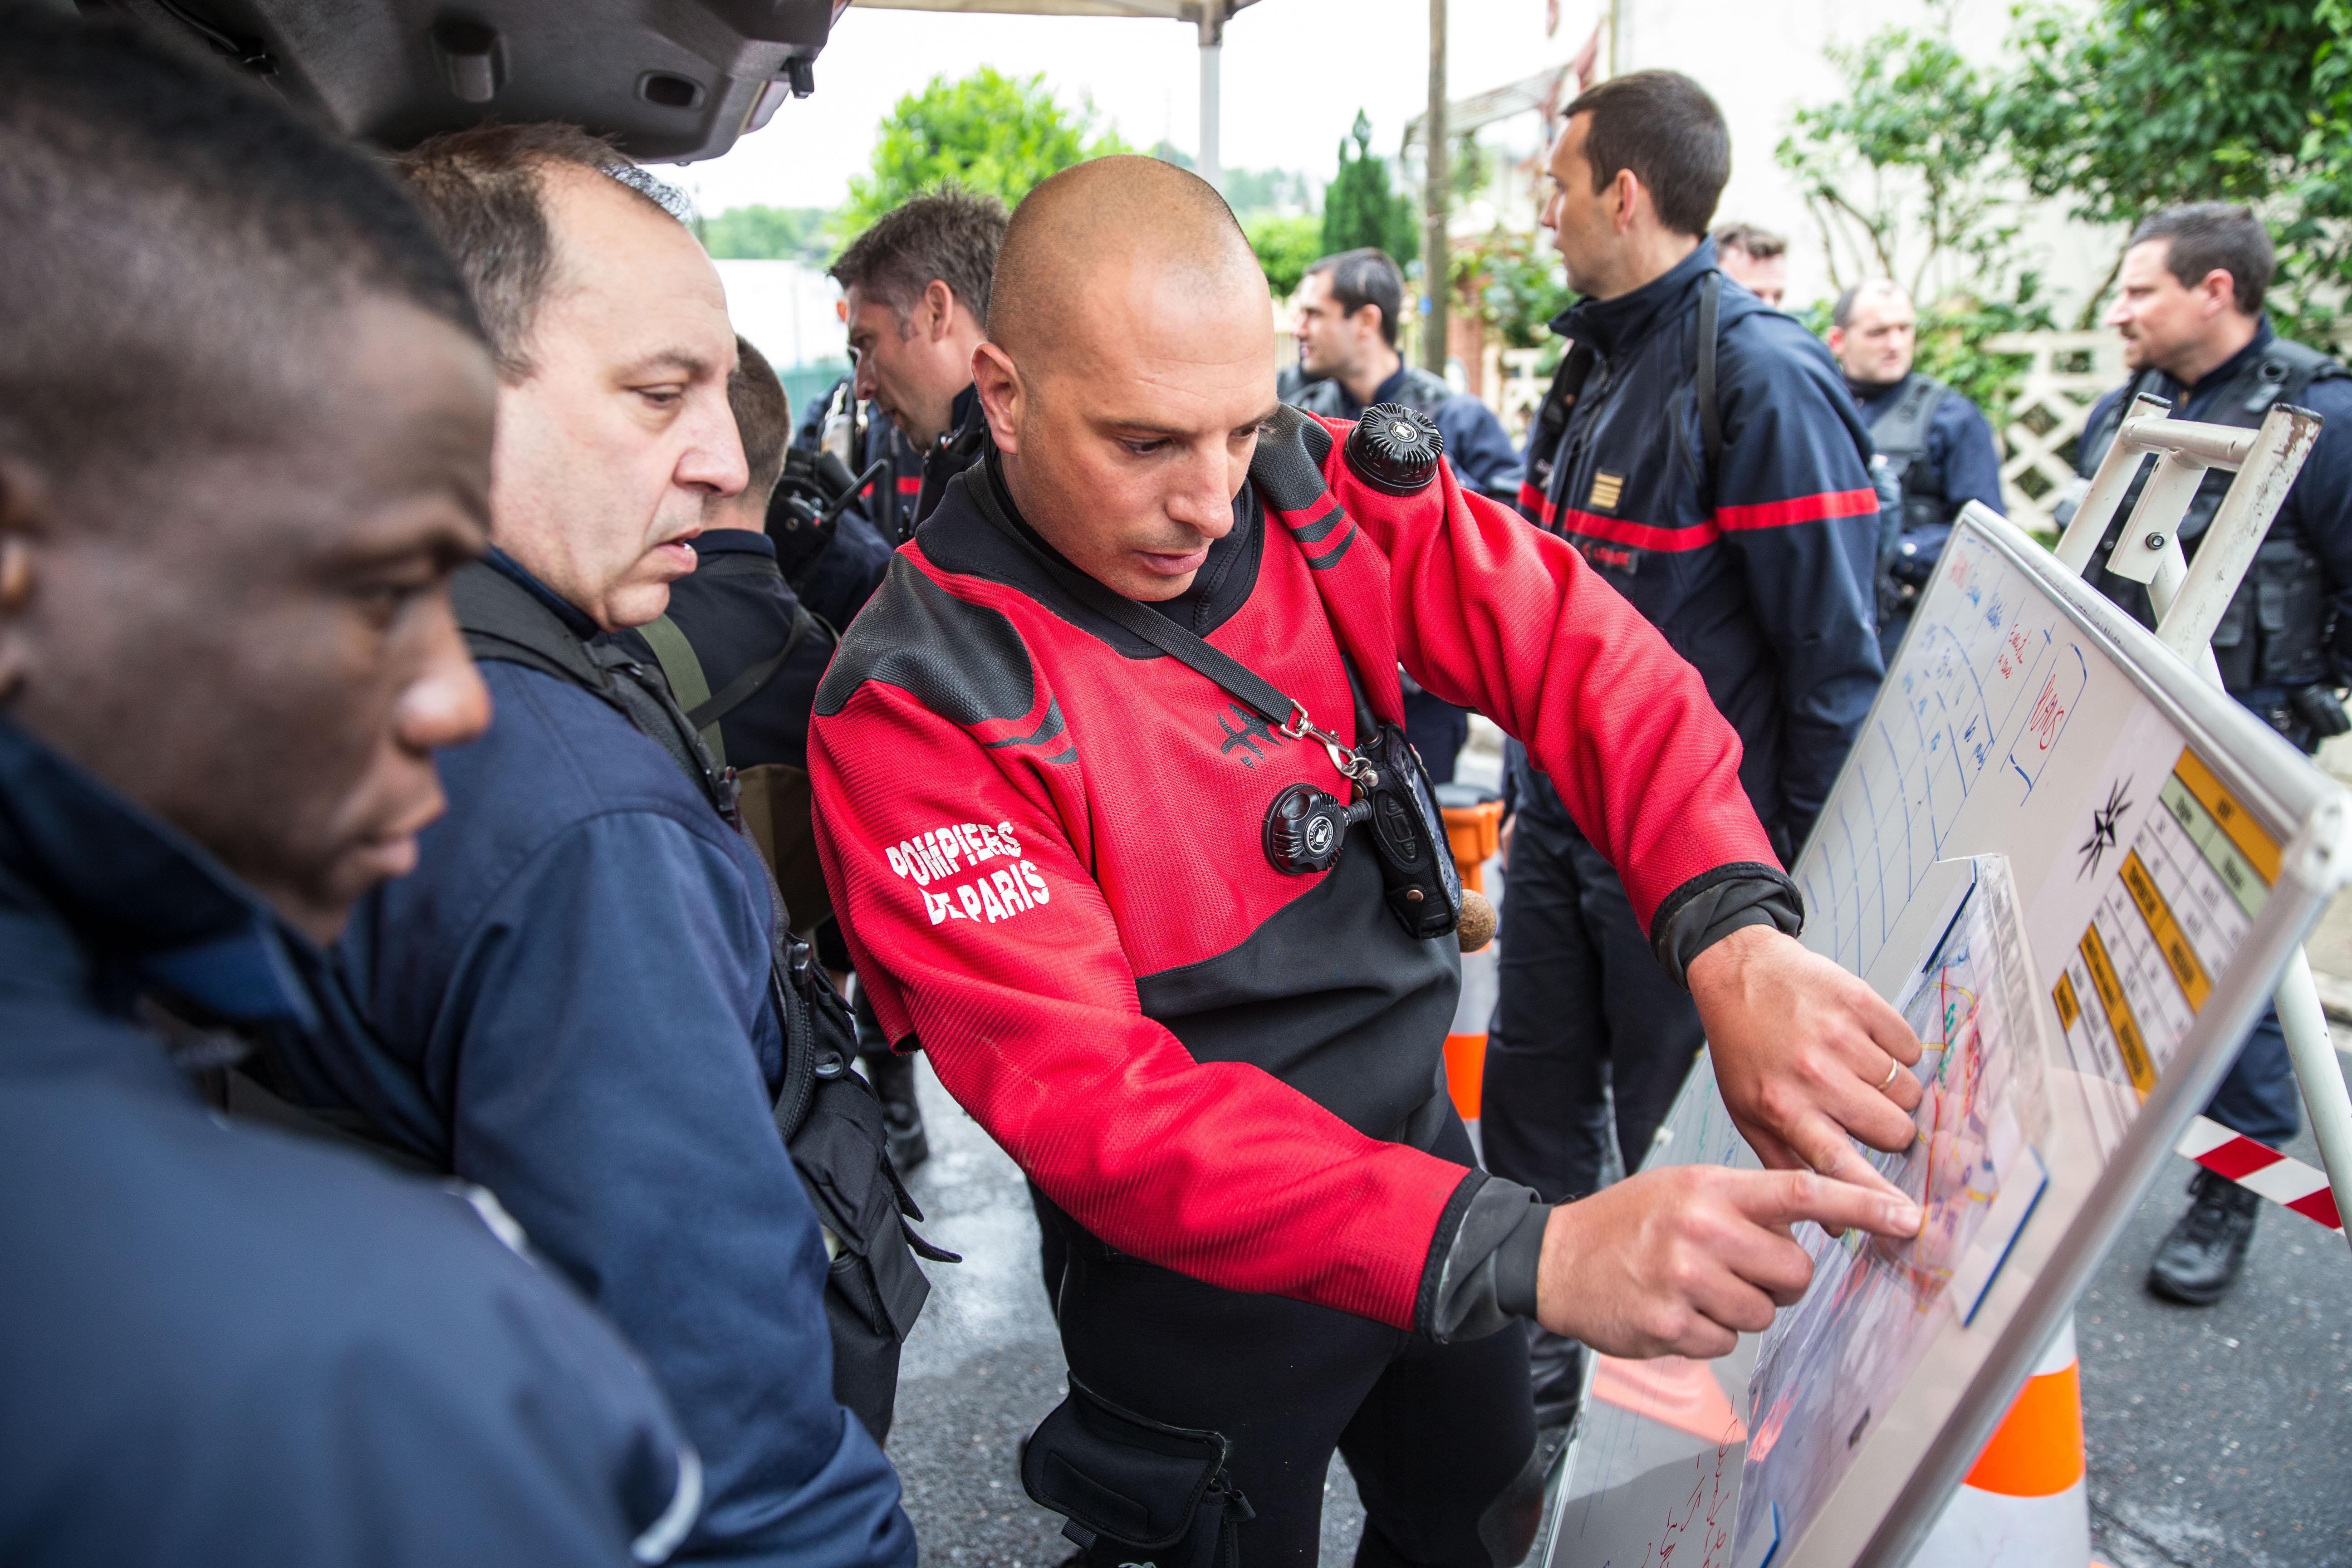 Pompiers de Paris Villeneuve Saint Georges Juin 2016 Photo Mickael Lefevre 10